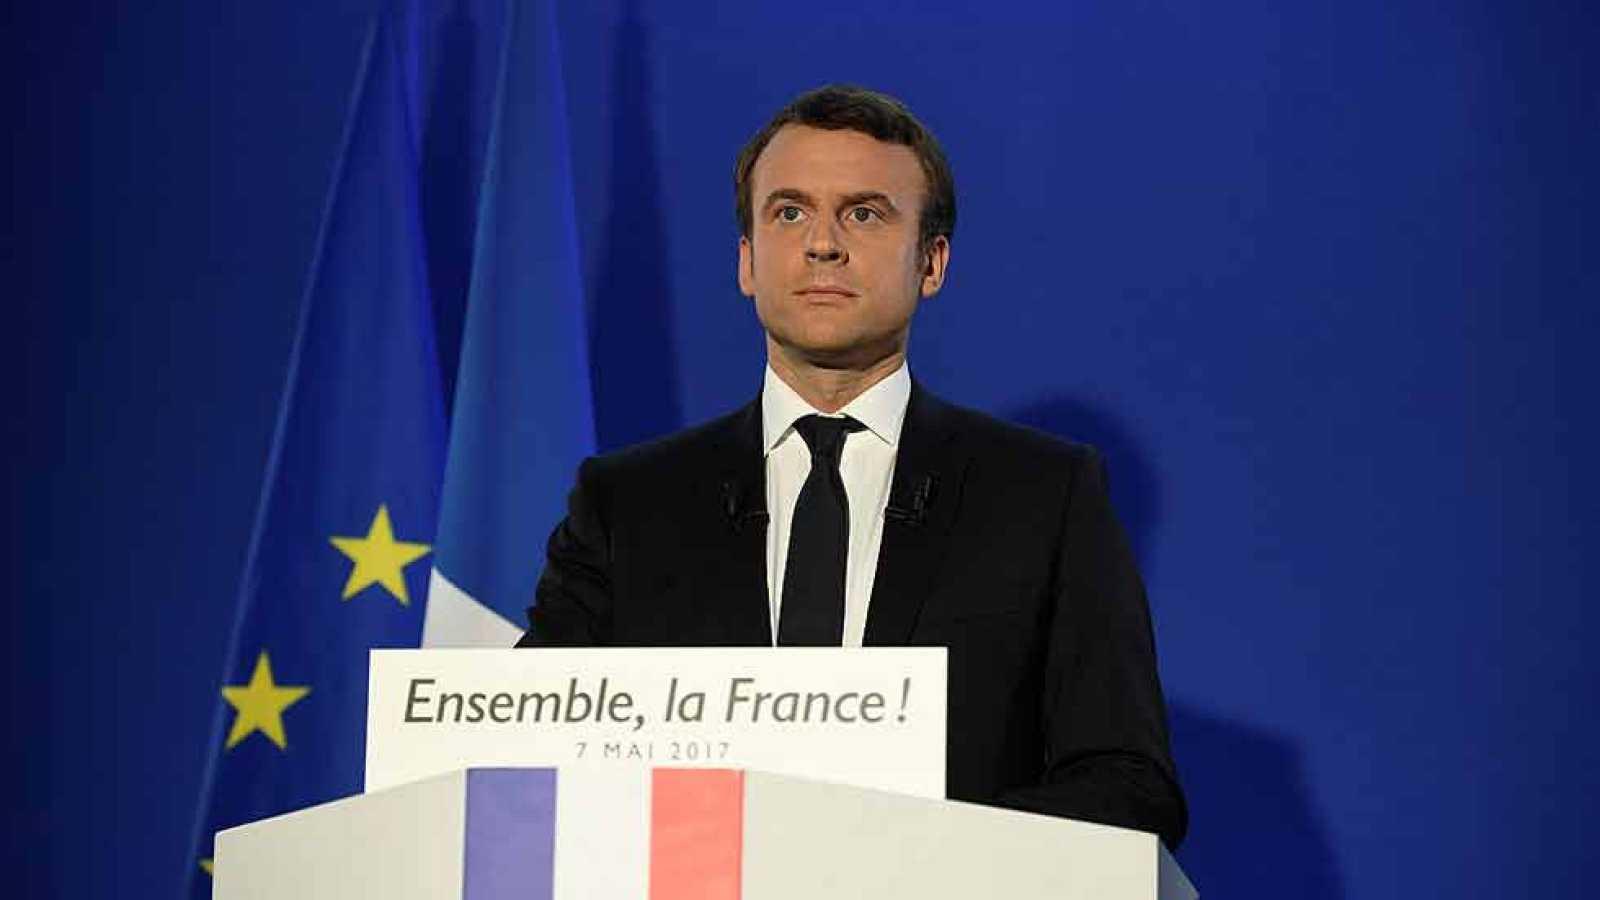 Francia busca relanzar su relación con el entorno mediterráneo